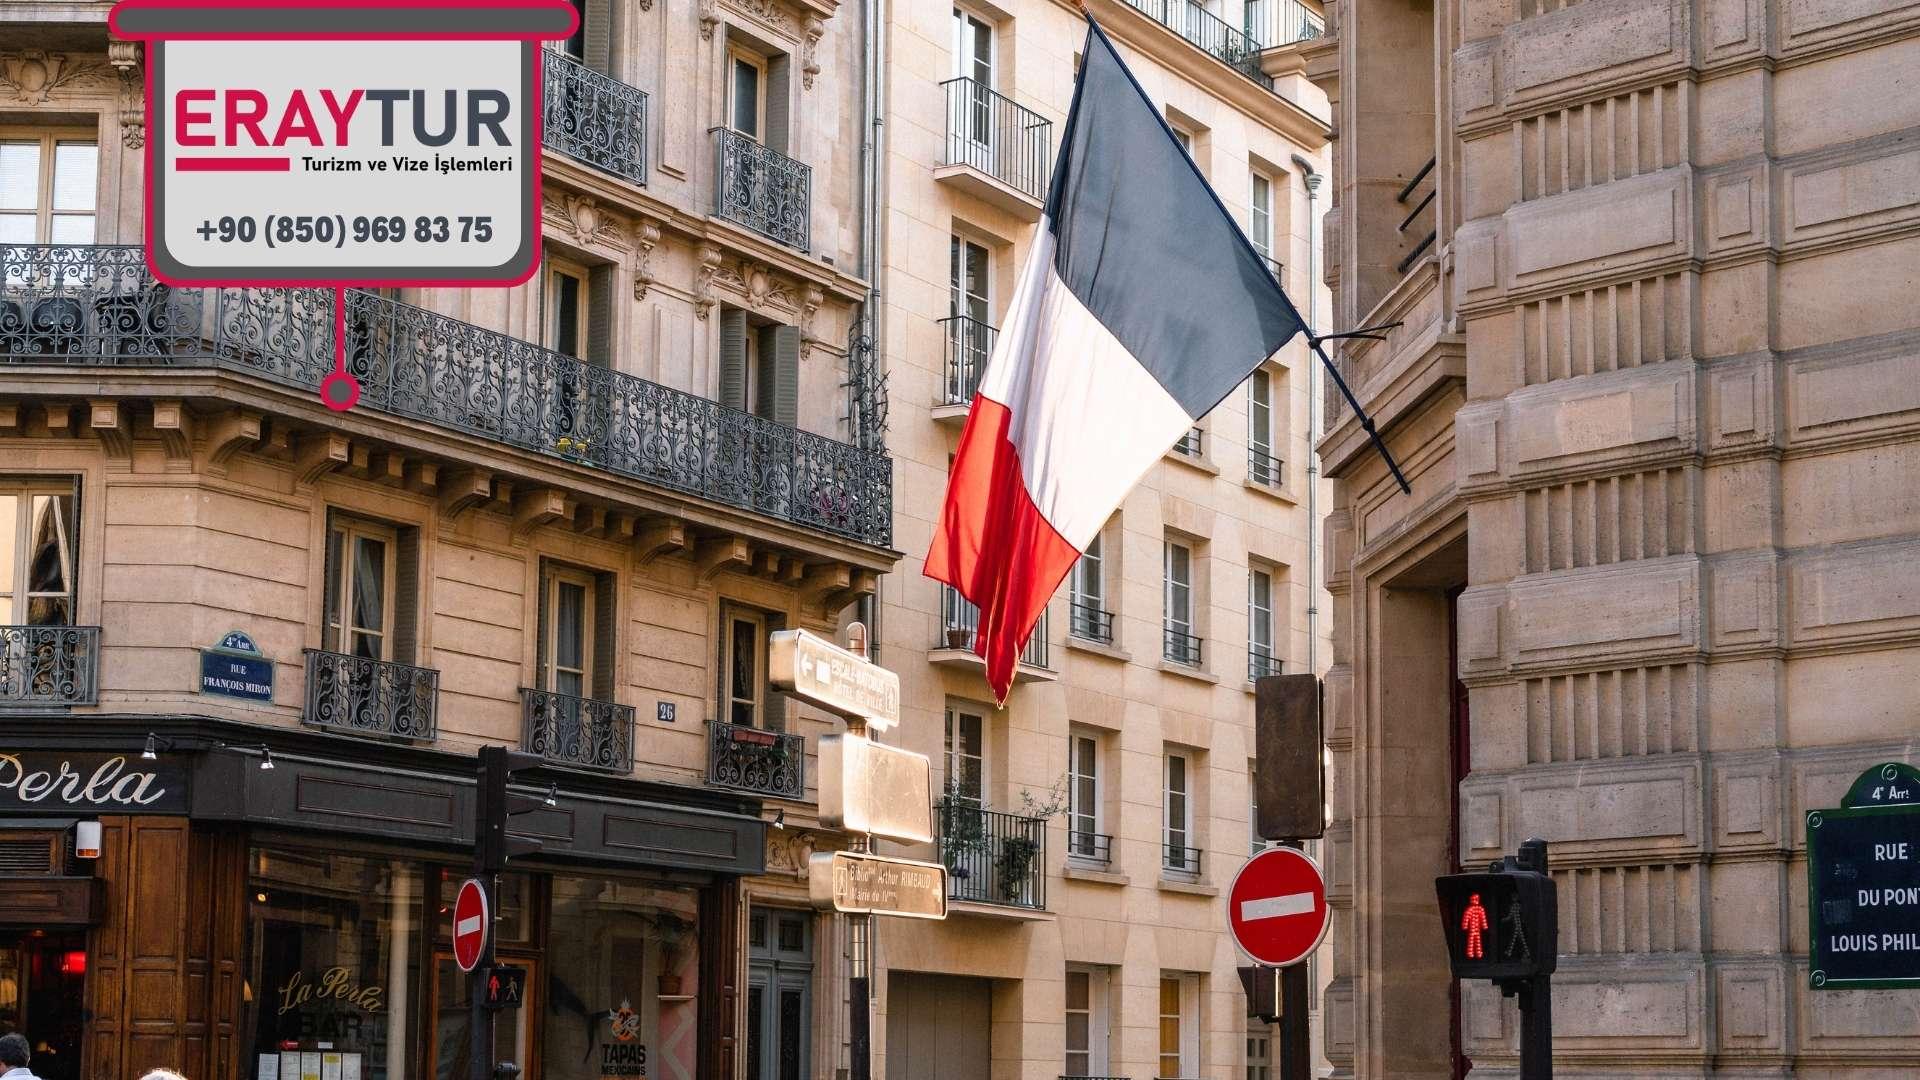 Fransa Kısa Süreli Vizelerde Ortak Belgeler